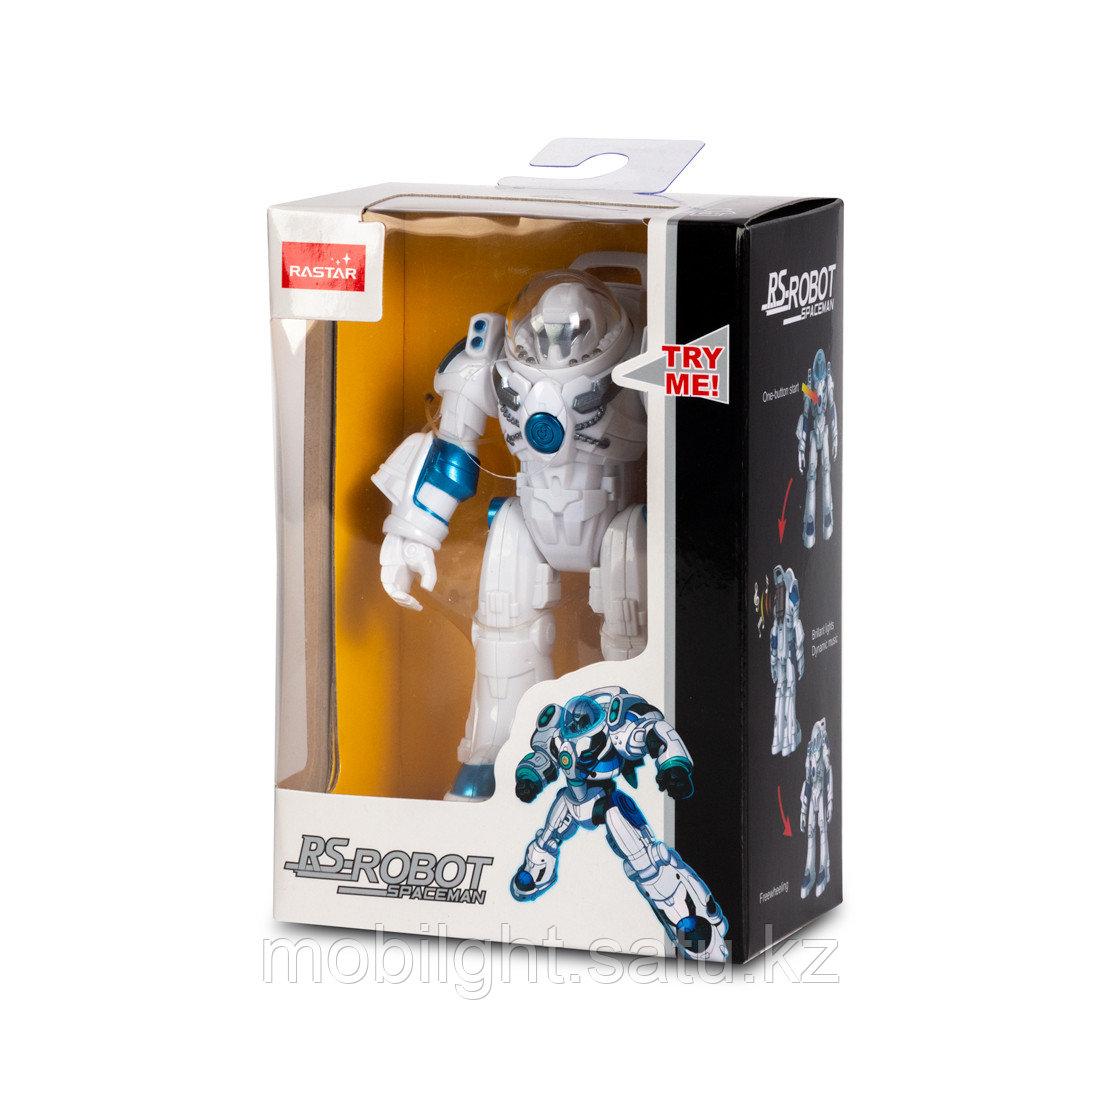 Робот RASTAR 77100W - фото 3